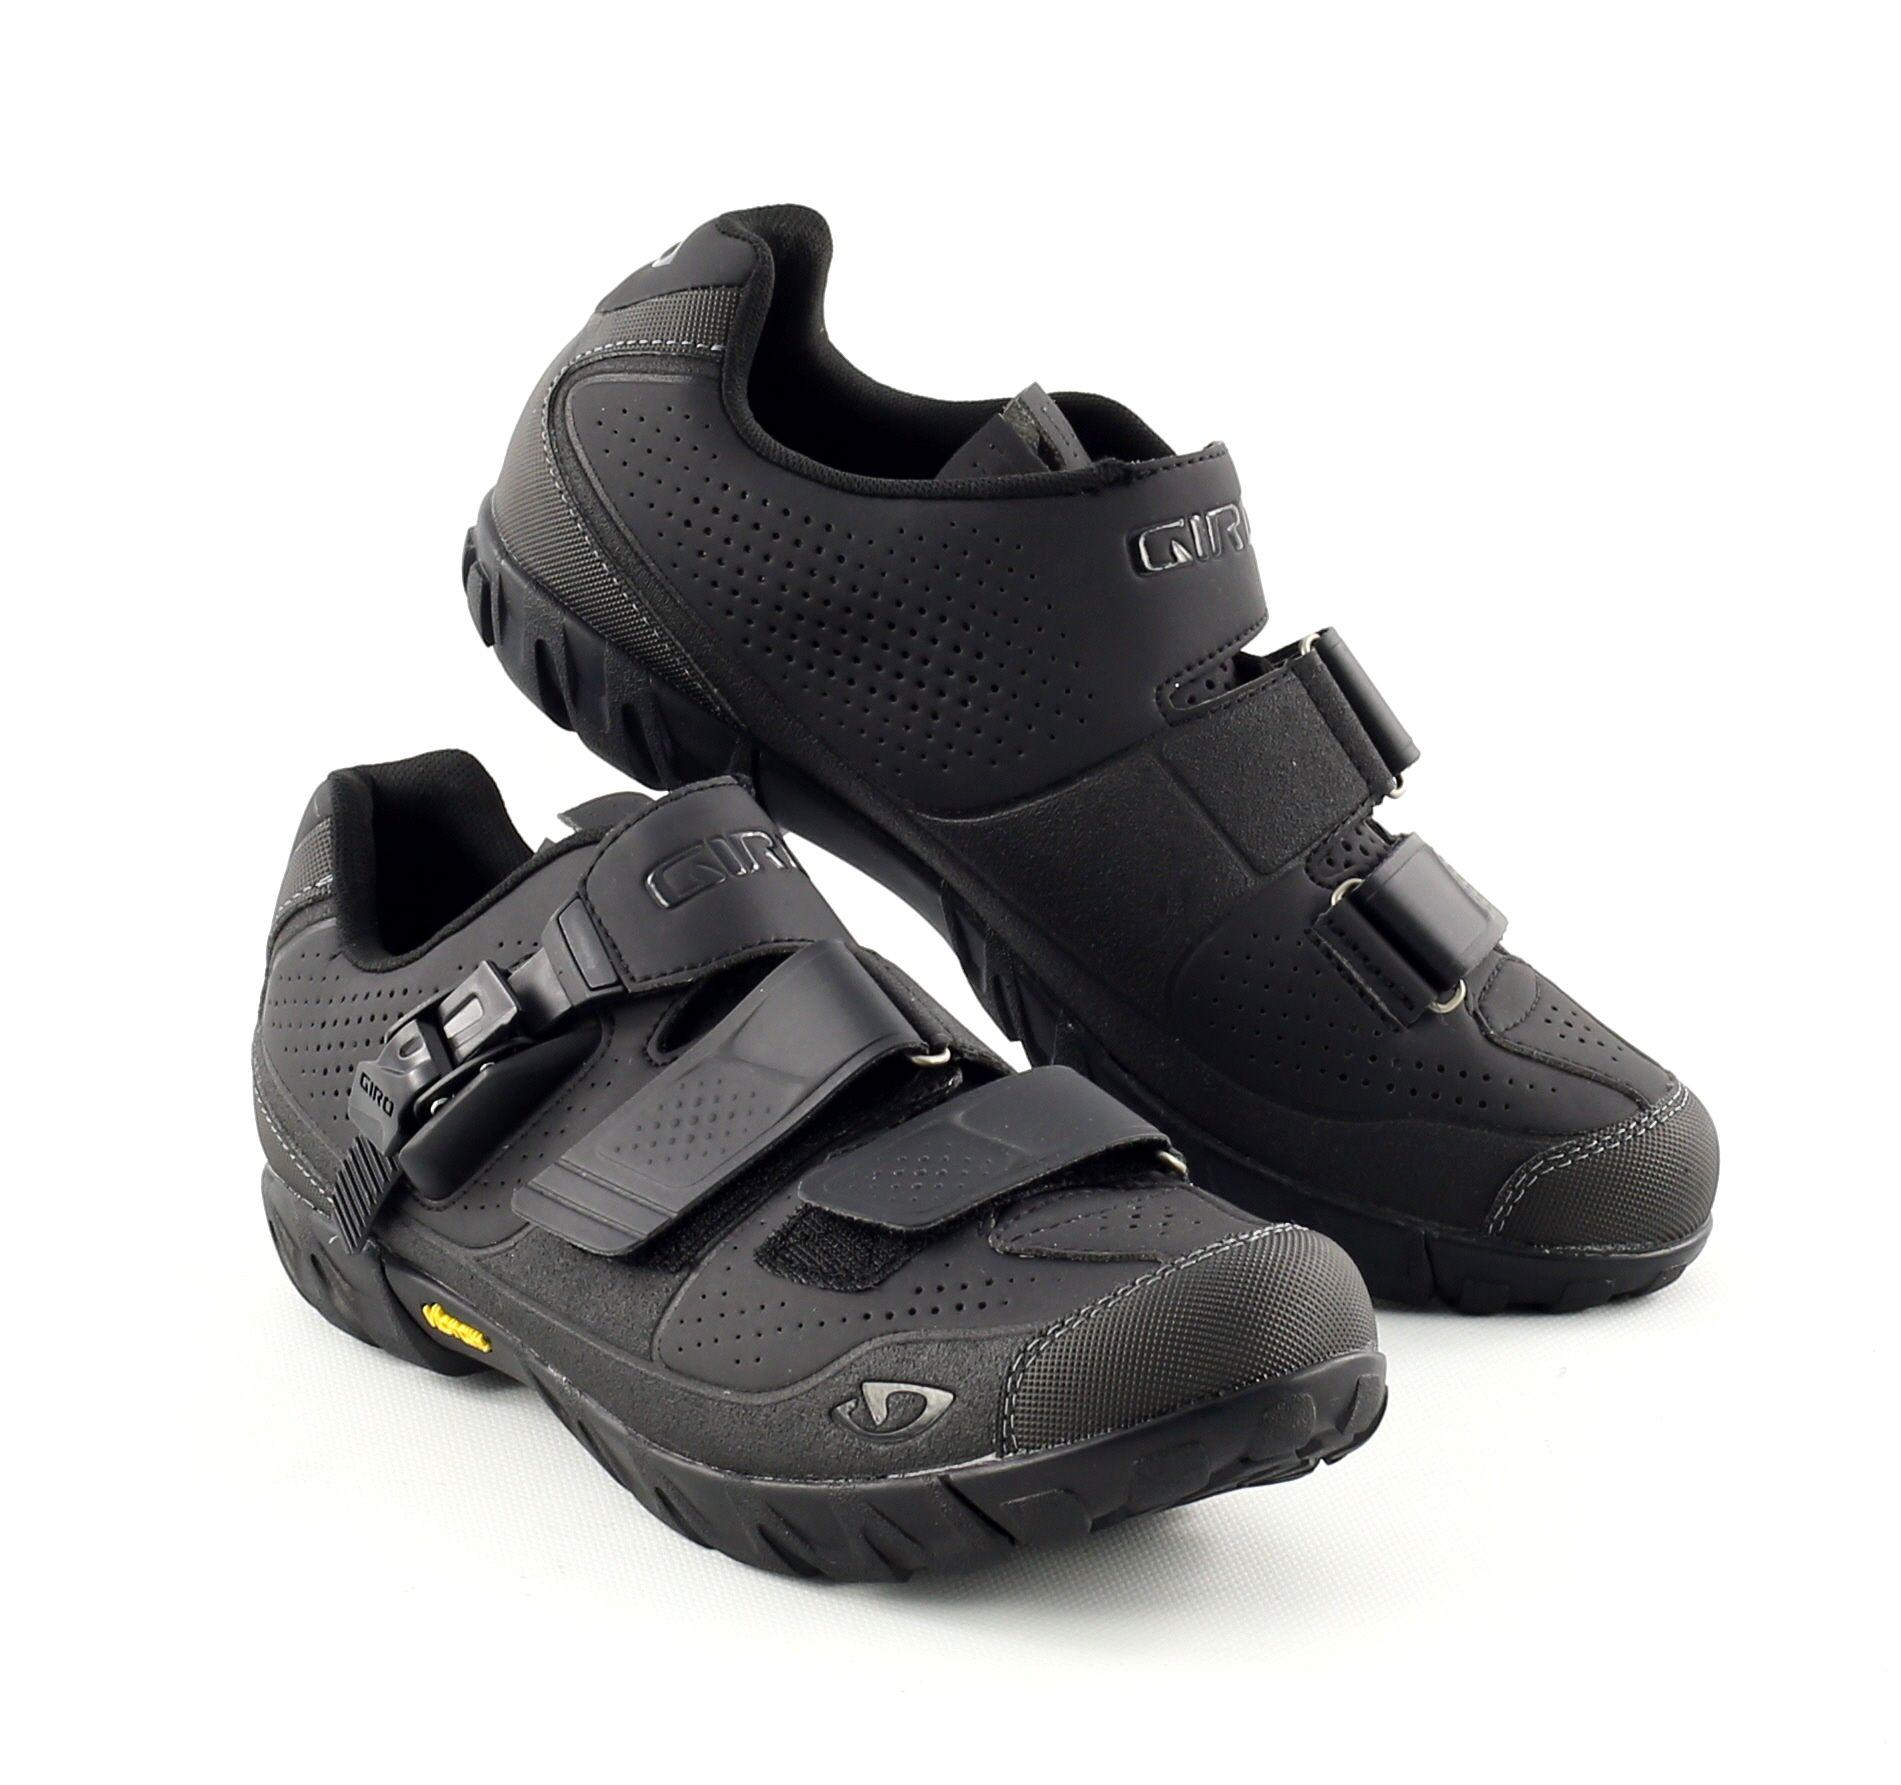 Chaussures VTT Giro Terraduro Noir - 42